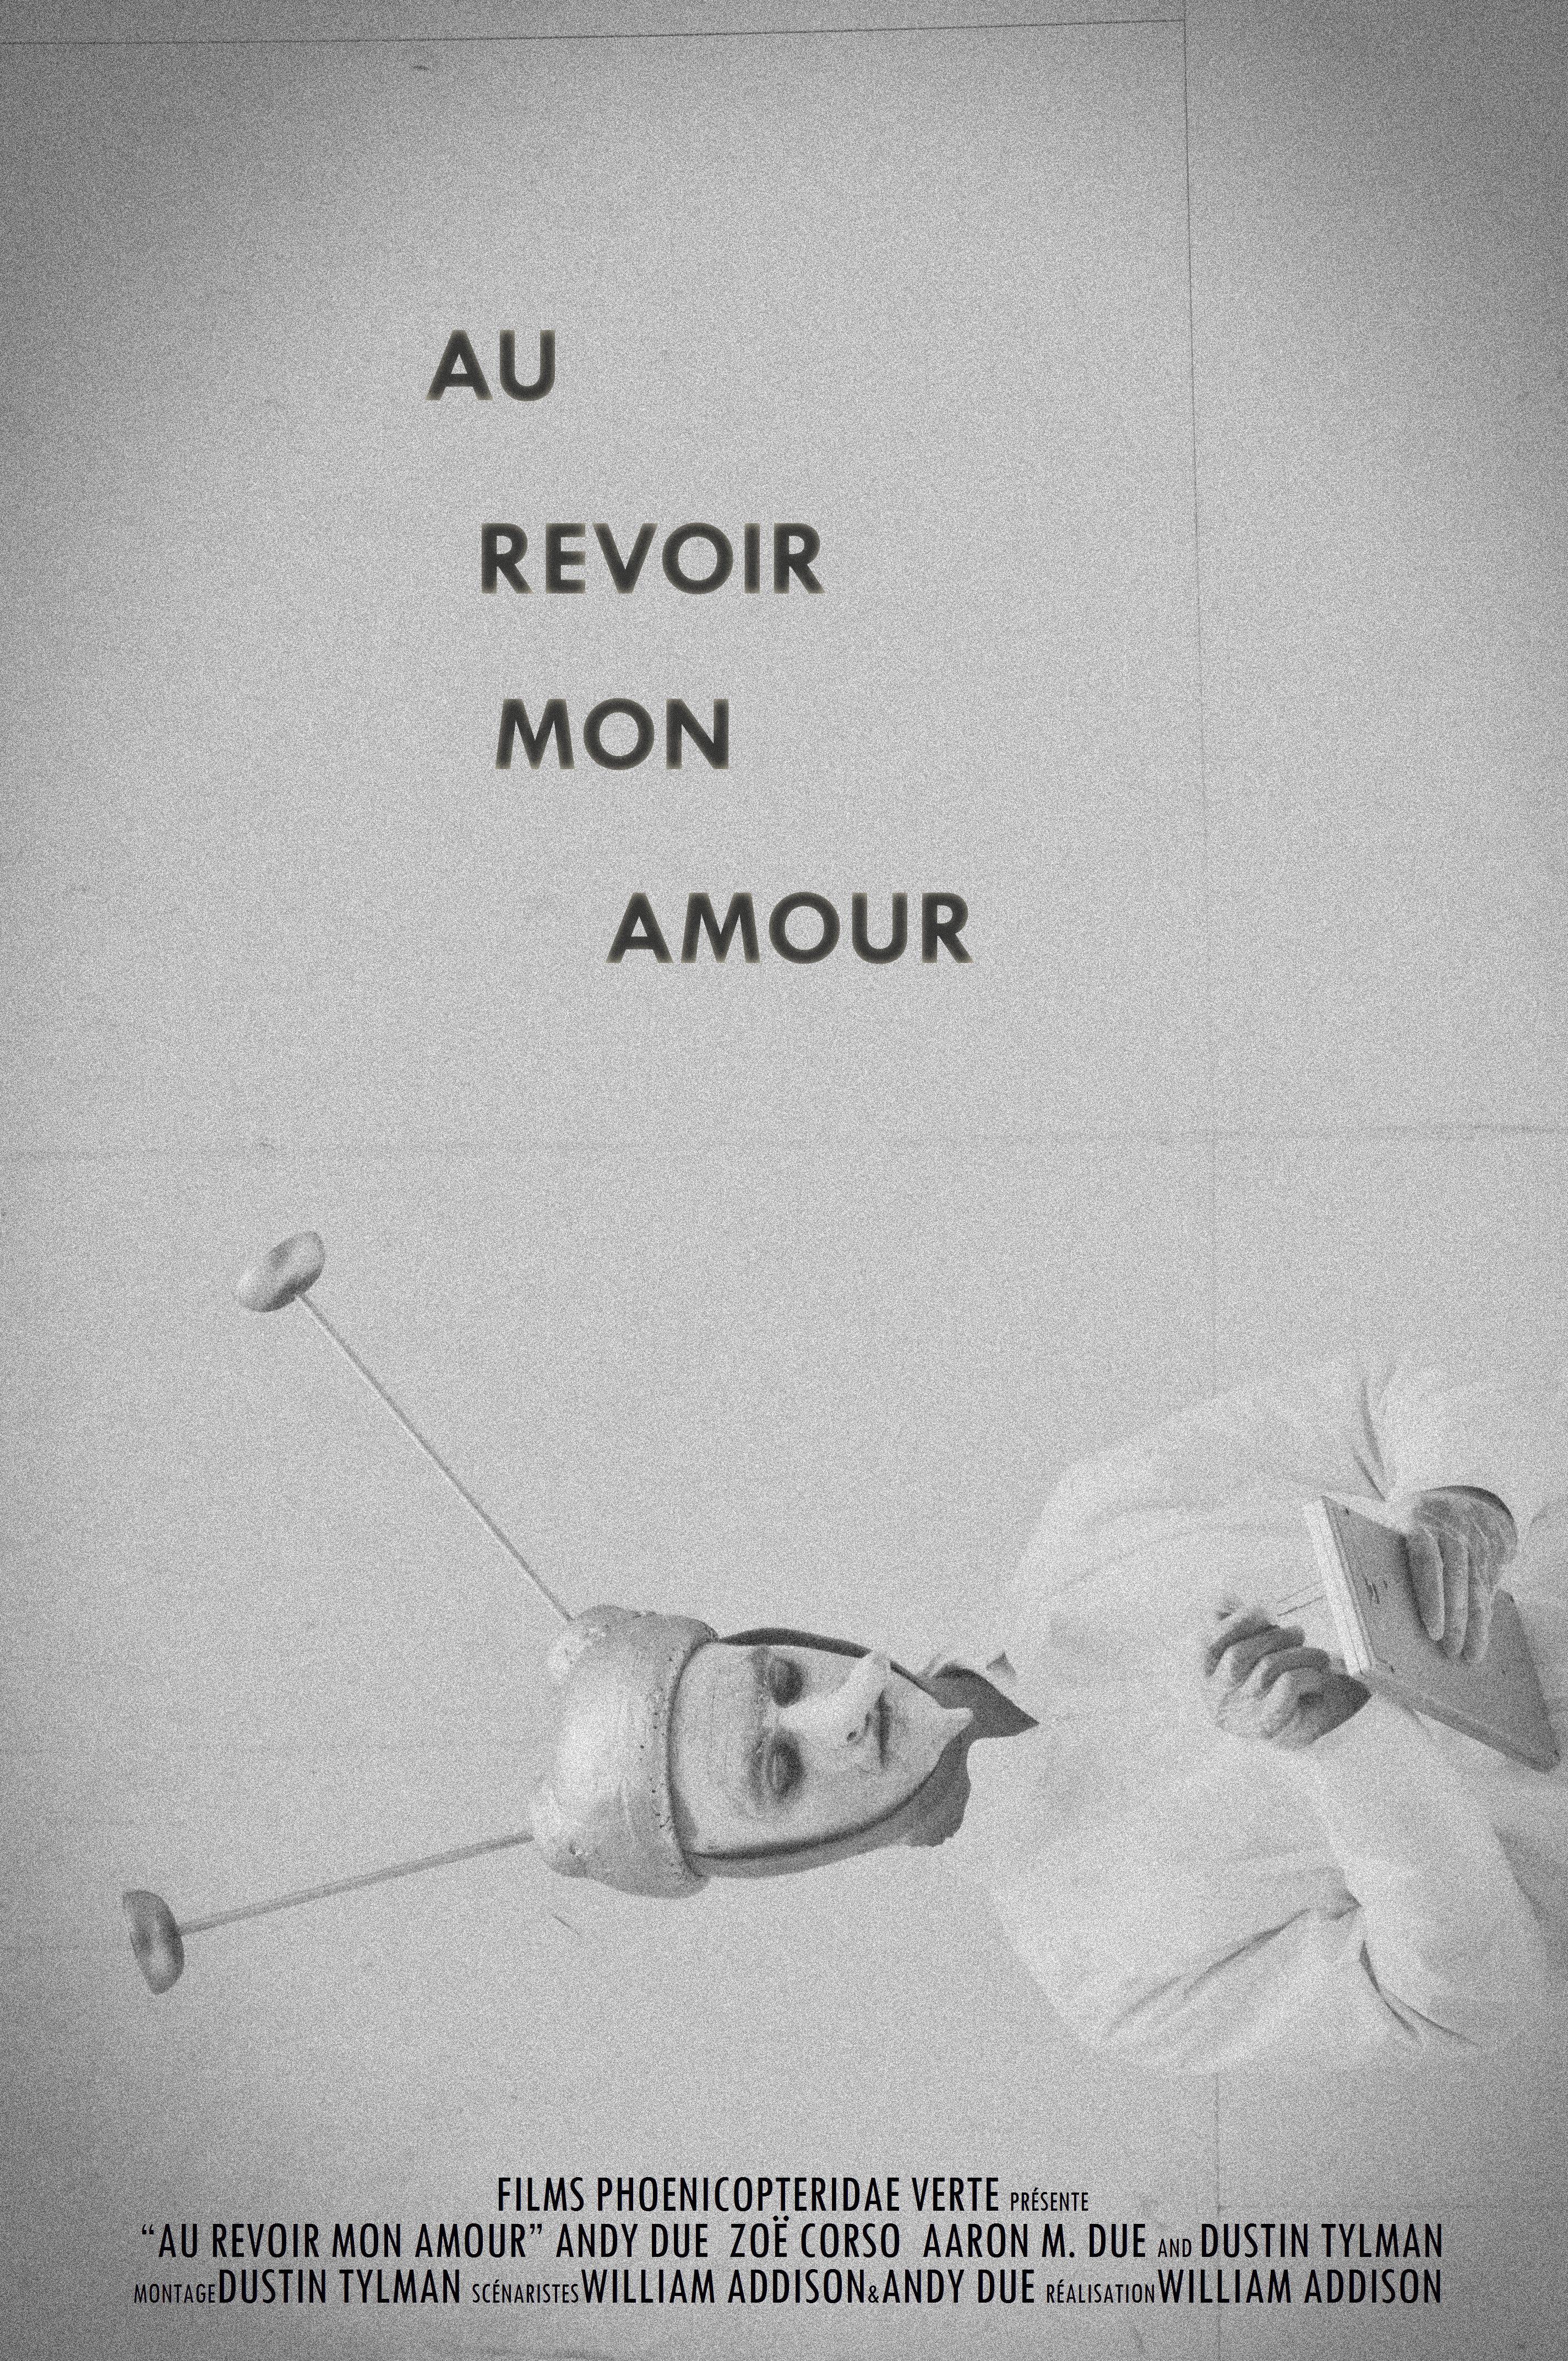 دانلود زیرنویس فارسی فیلم Au revoir mon amour